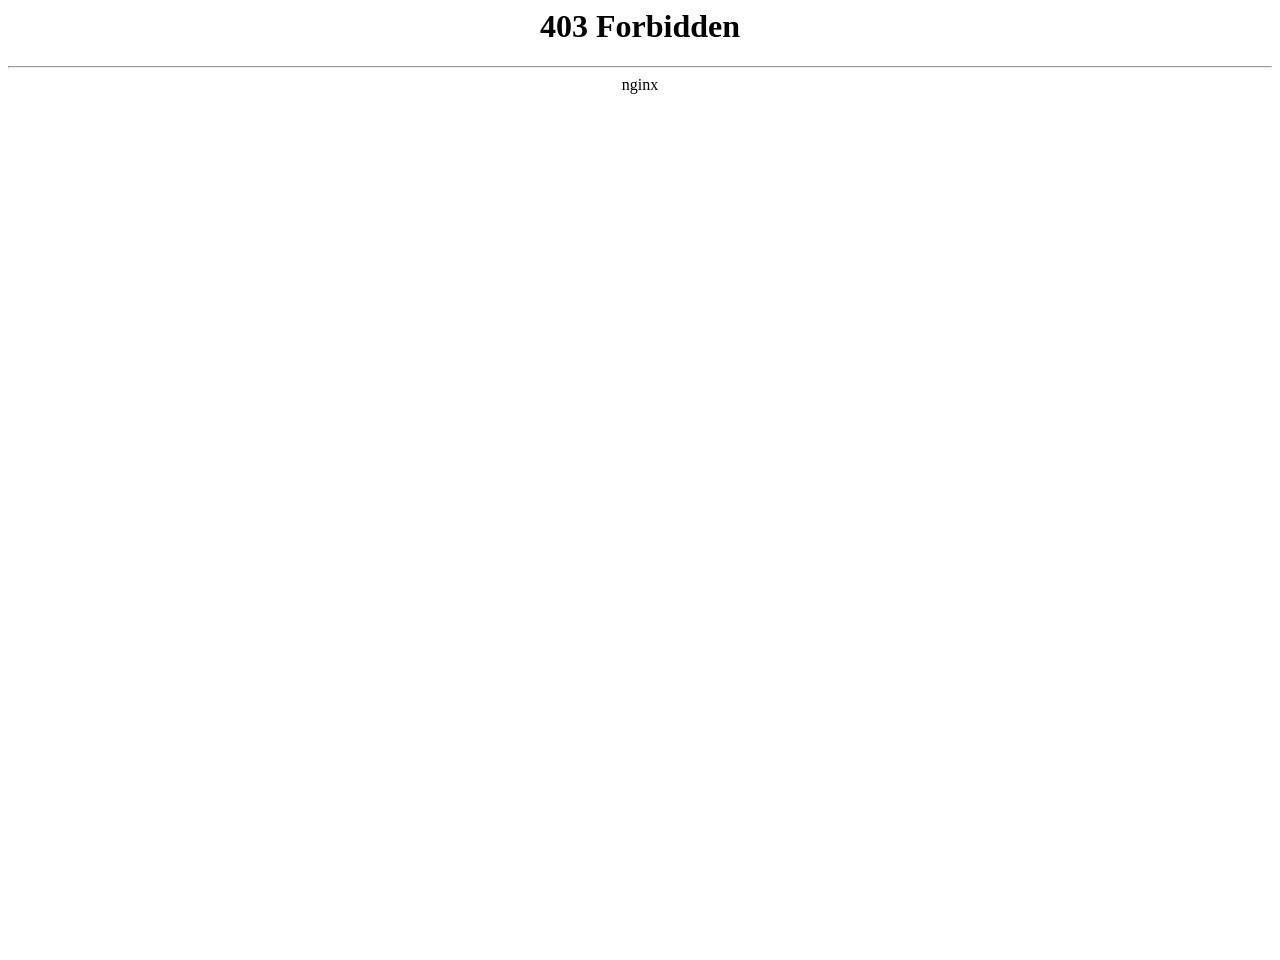 电影天堂_免费电影_韩国电影_迅雷电影下载_2021电影网